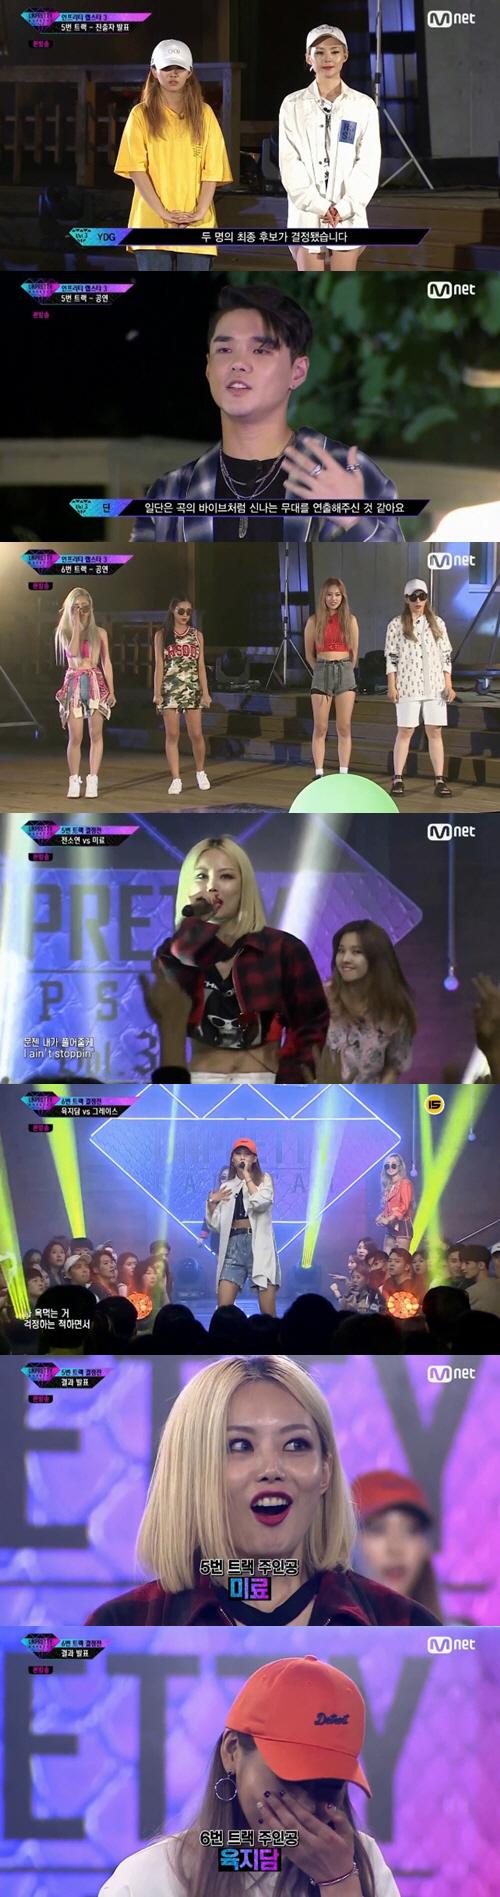 미료 육지담. 사진=Mnet '언프리티랩스타 시즌3' 방송 캡쳐